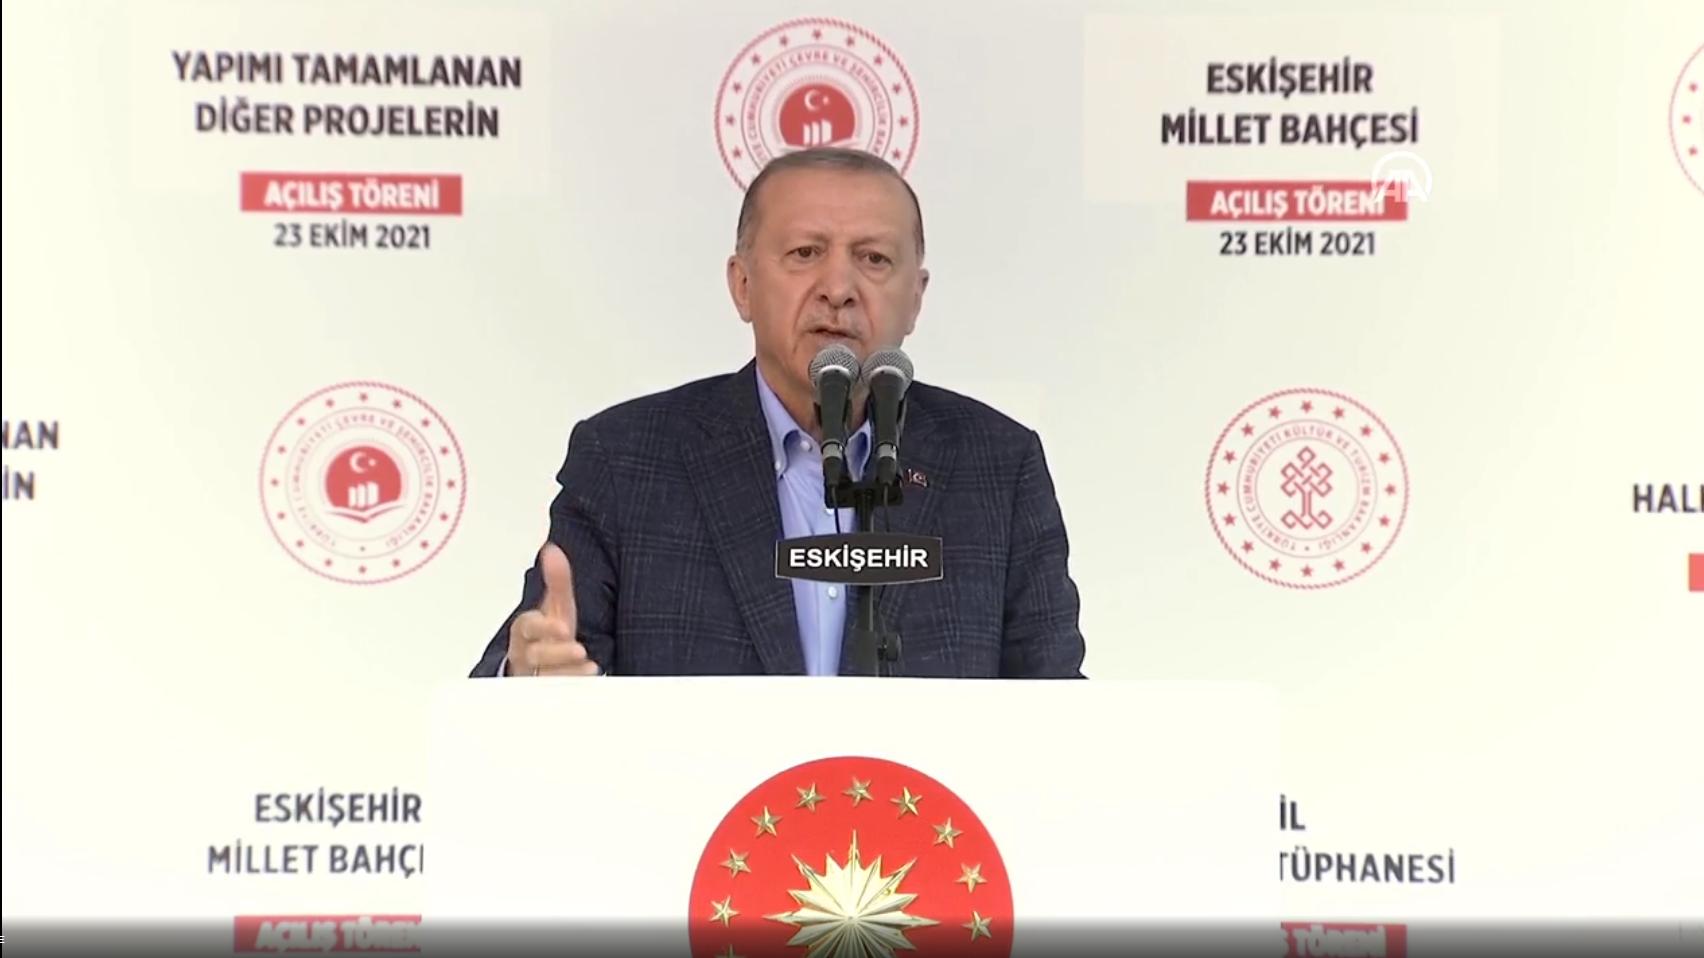 Cumhurbaşkanı Erdoğan, Eskişehir'de toplu açılış töreninde konuştu: Selahattin Demirtaş'ı çıkaramayacaksınız